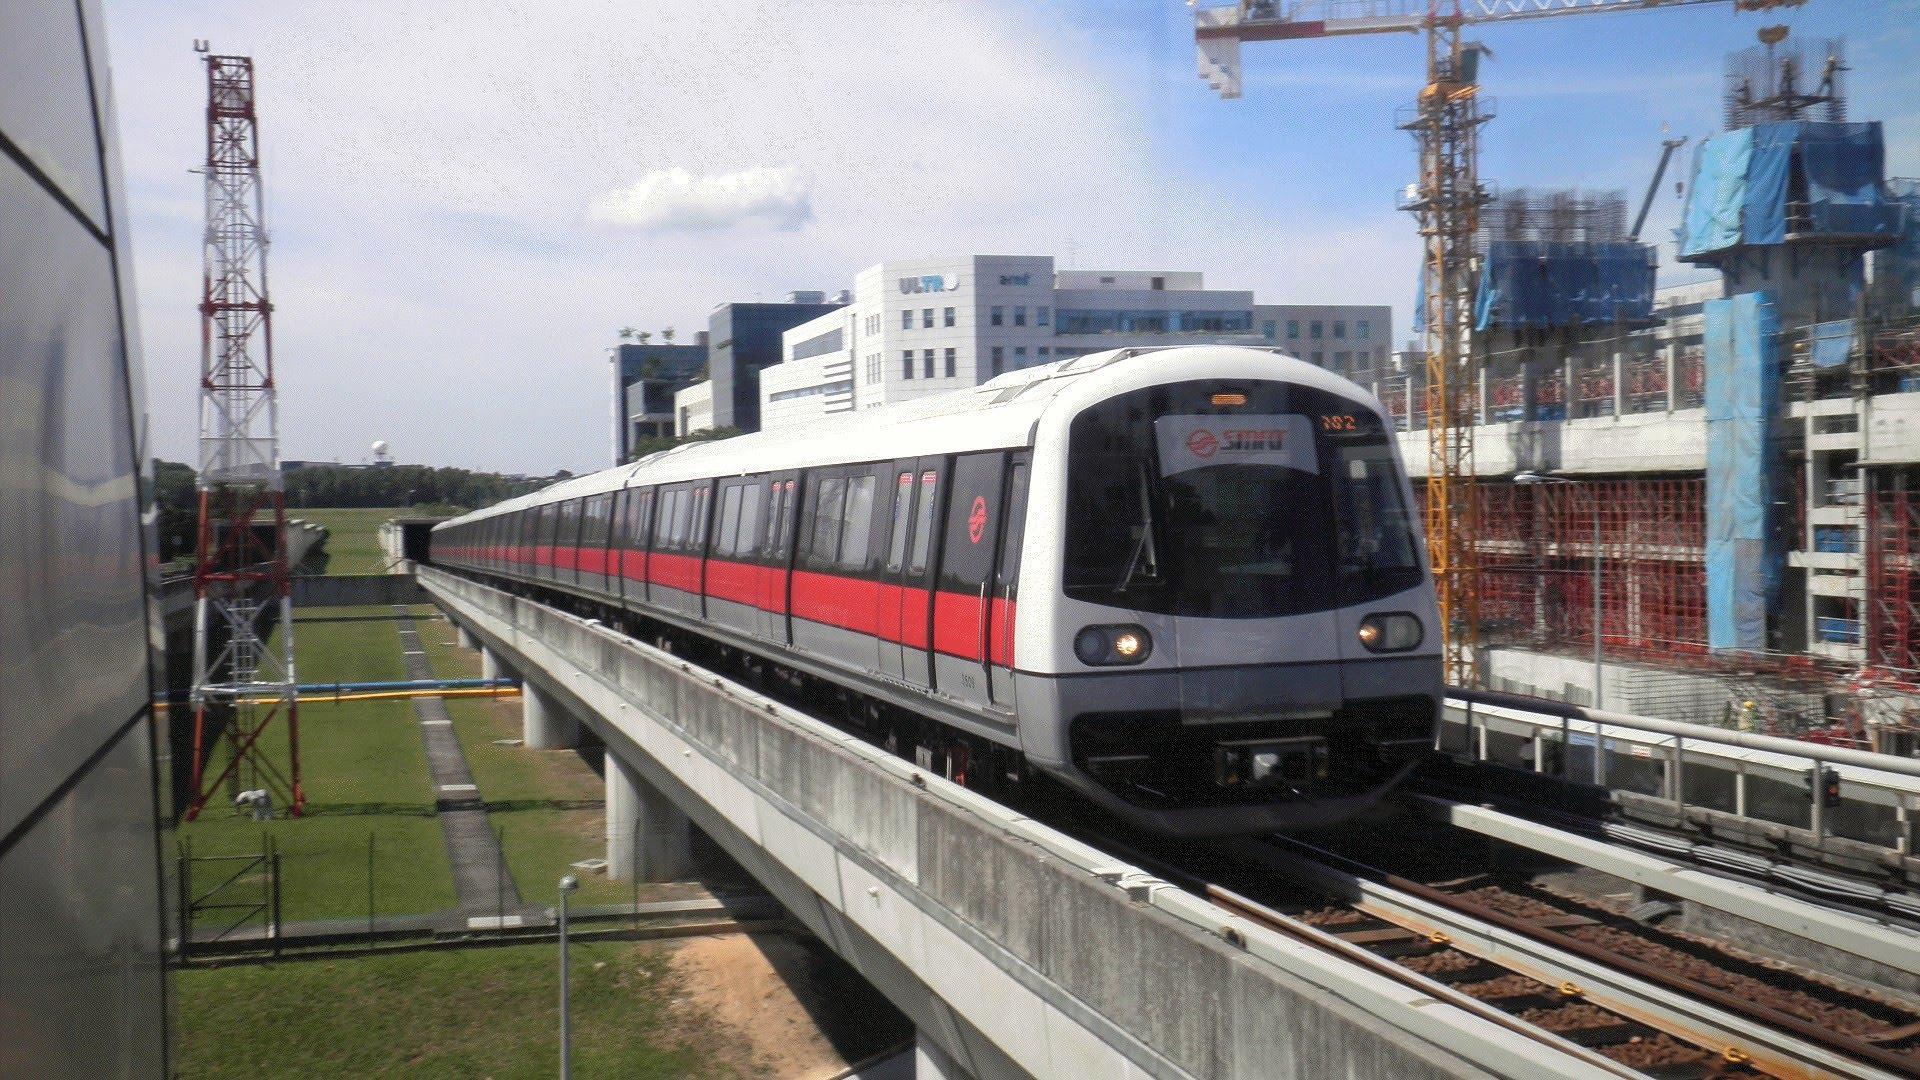 シンガポール陸上交通省が3Dプリンティング、ロボティクス、バーチャルリアリティ技術を活用へ